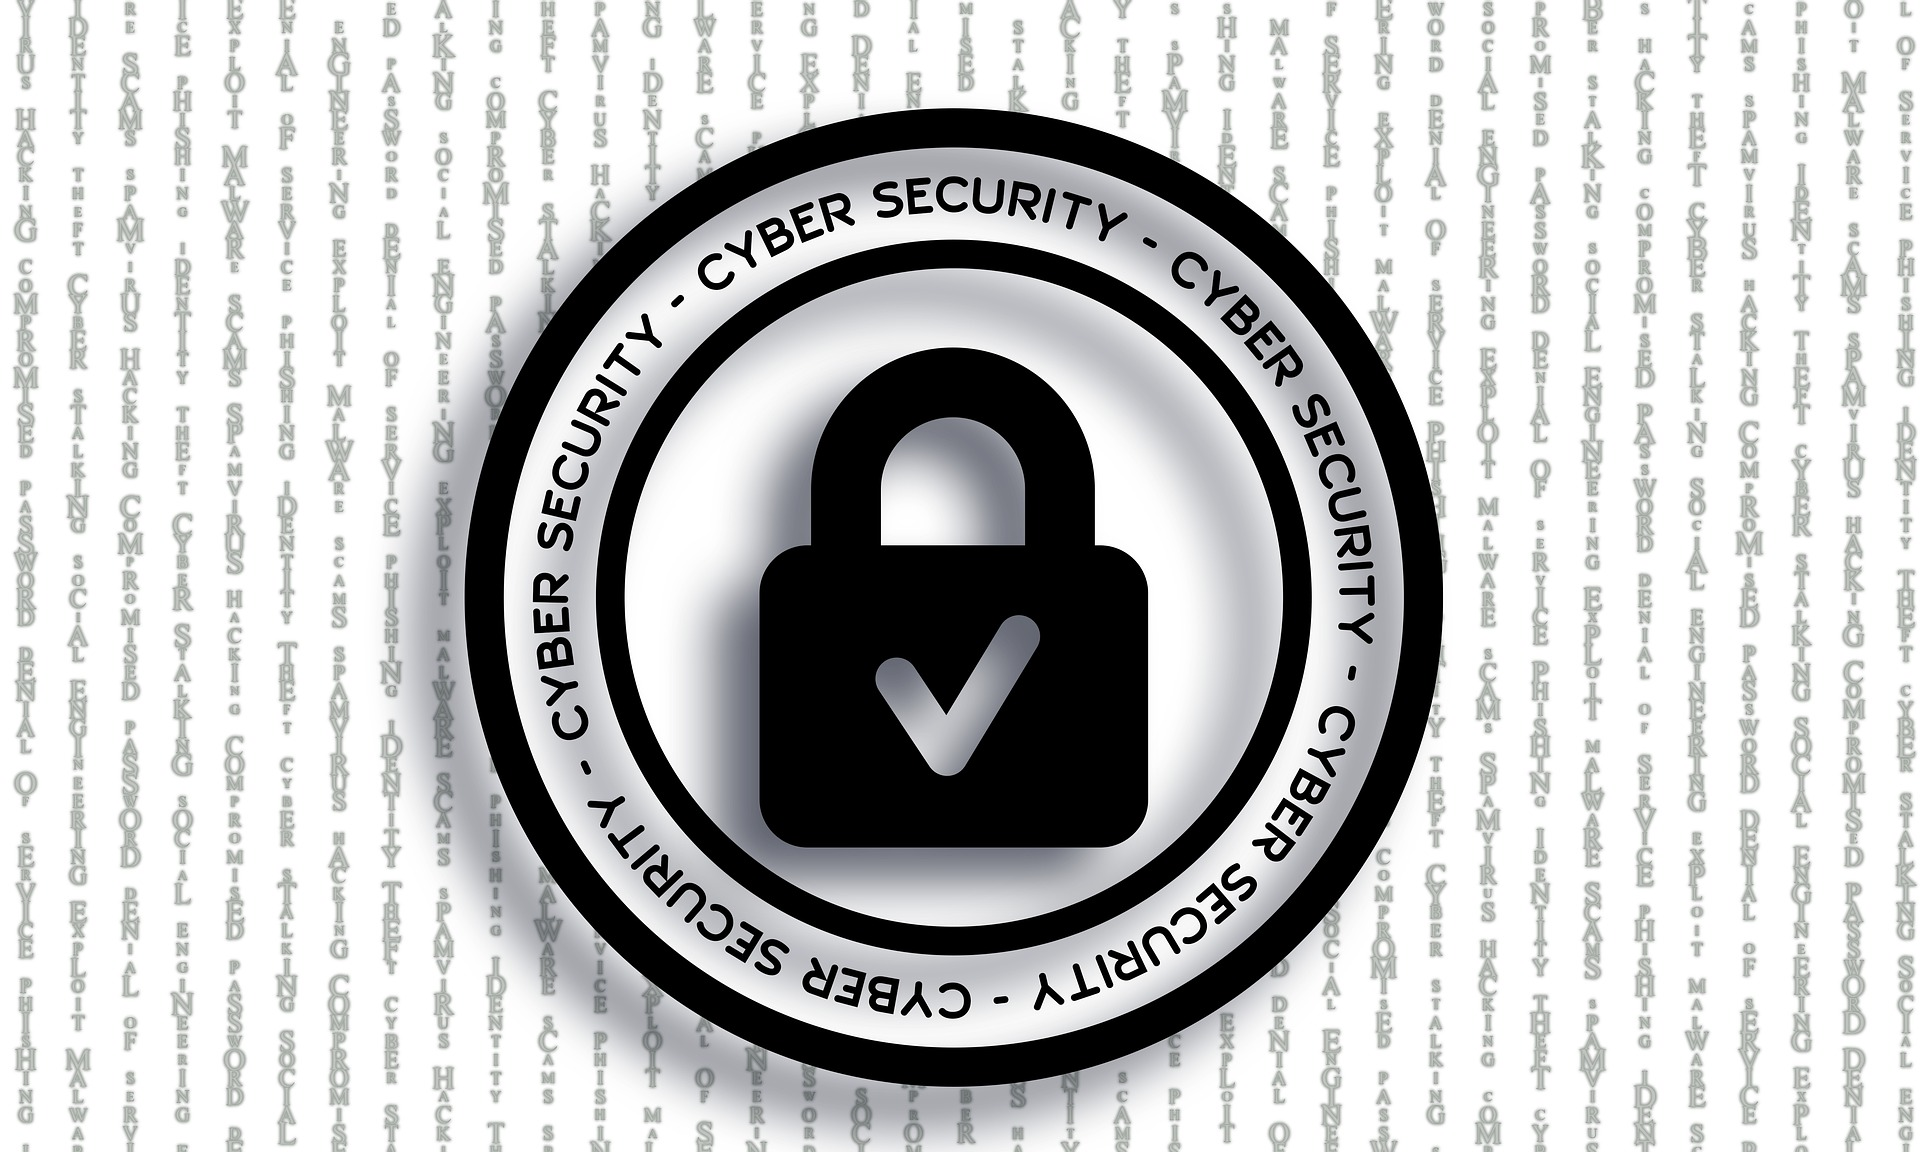 WhiteBearSolutions aportará su visión y experiencia en seguridad en NextSecure